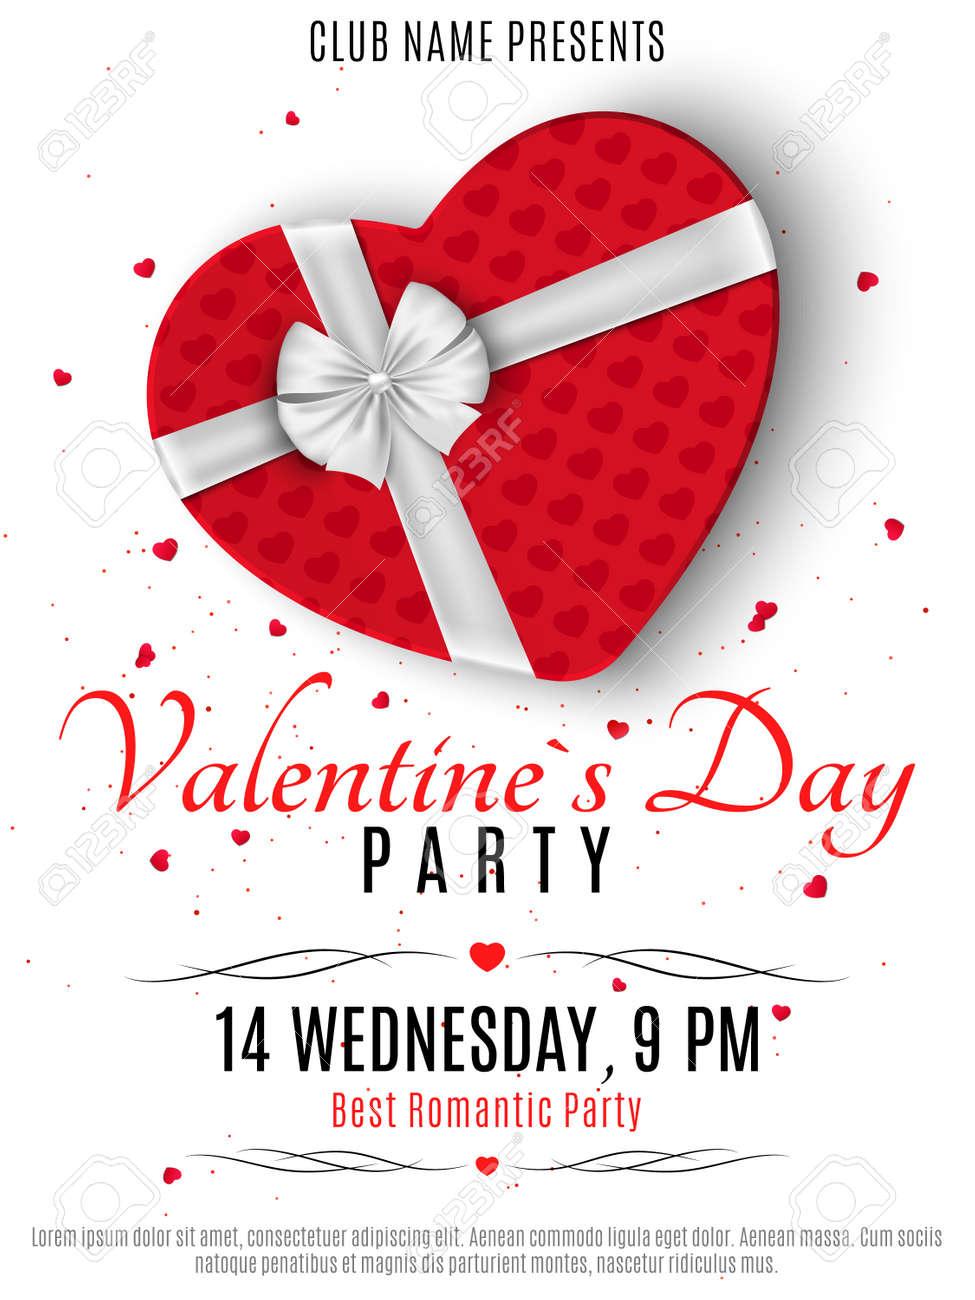 Valentinstag Party Poster Red Box Aus Dem Herzen Und Ein Weißes Band Mit Einer Verbeugung